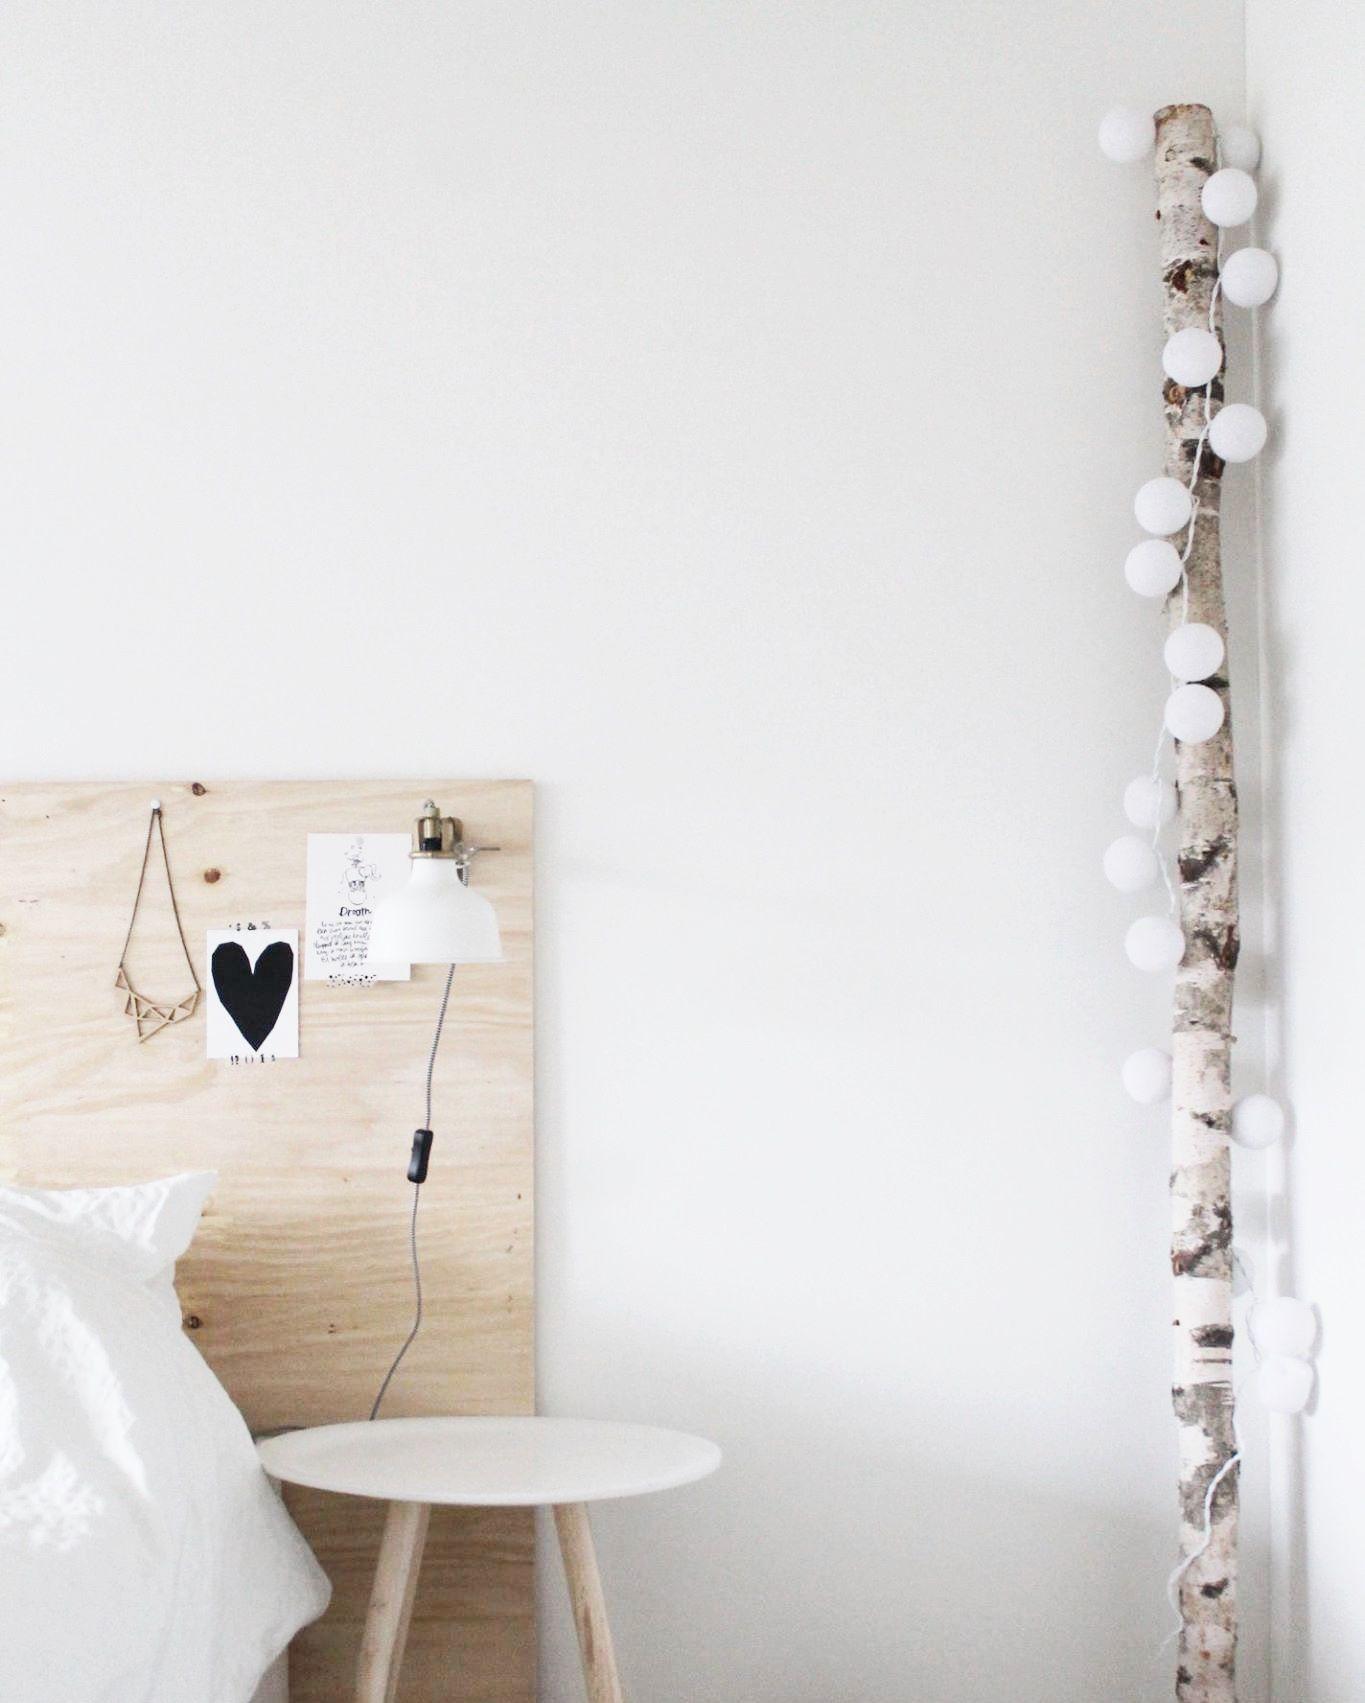 Weiae Wande Lichterkette Schlafzimmer Lichterkette: Birke Und Lichterkette...genial